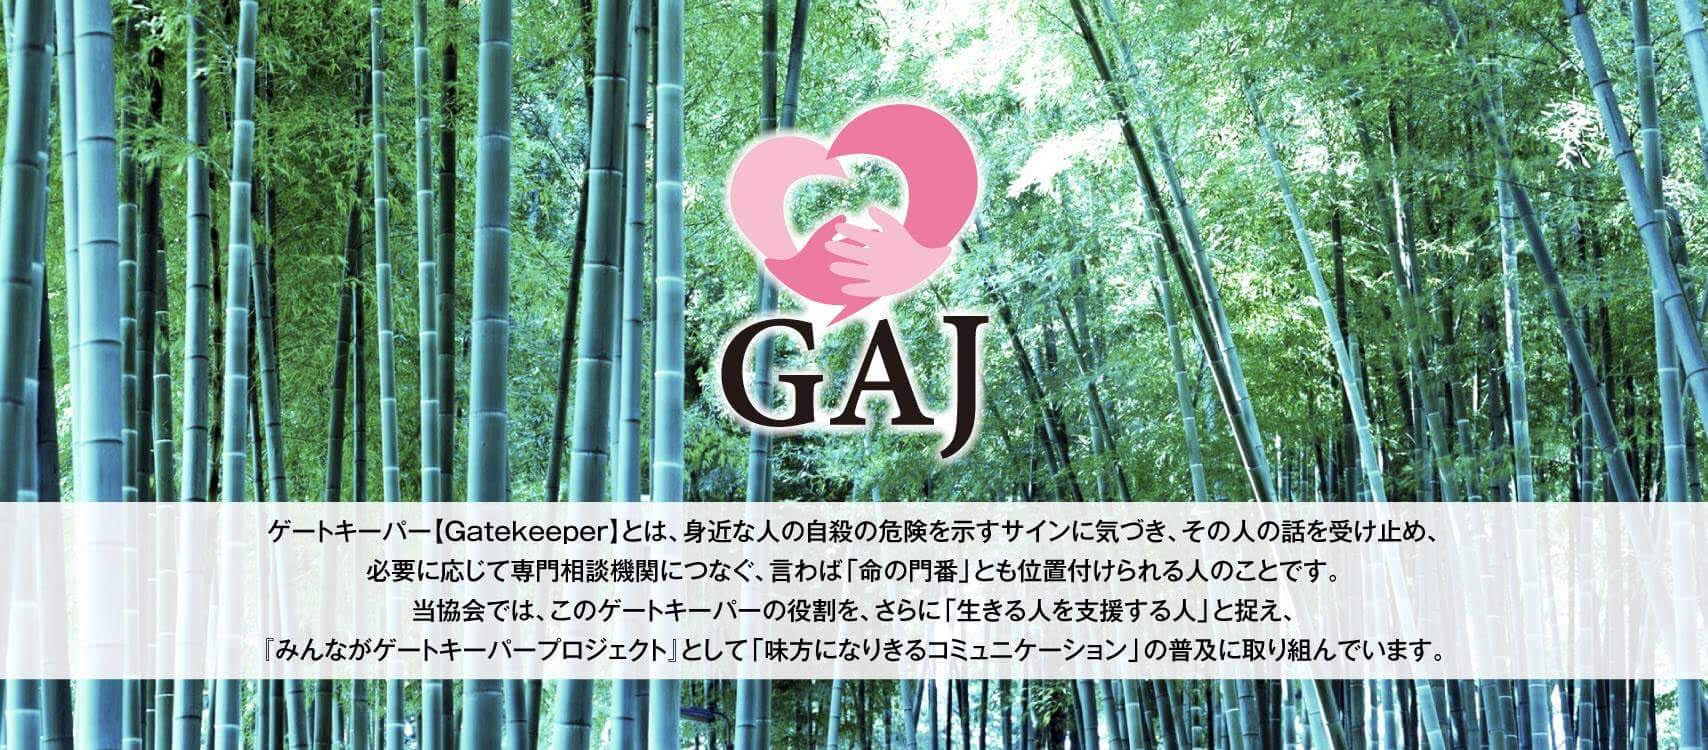 NPO法人日本ゲートキーパー協会